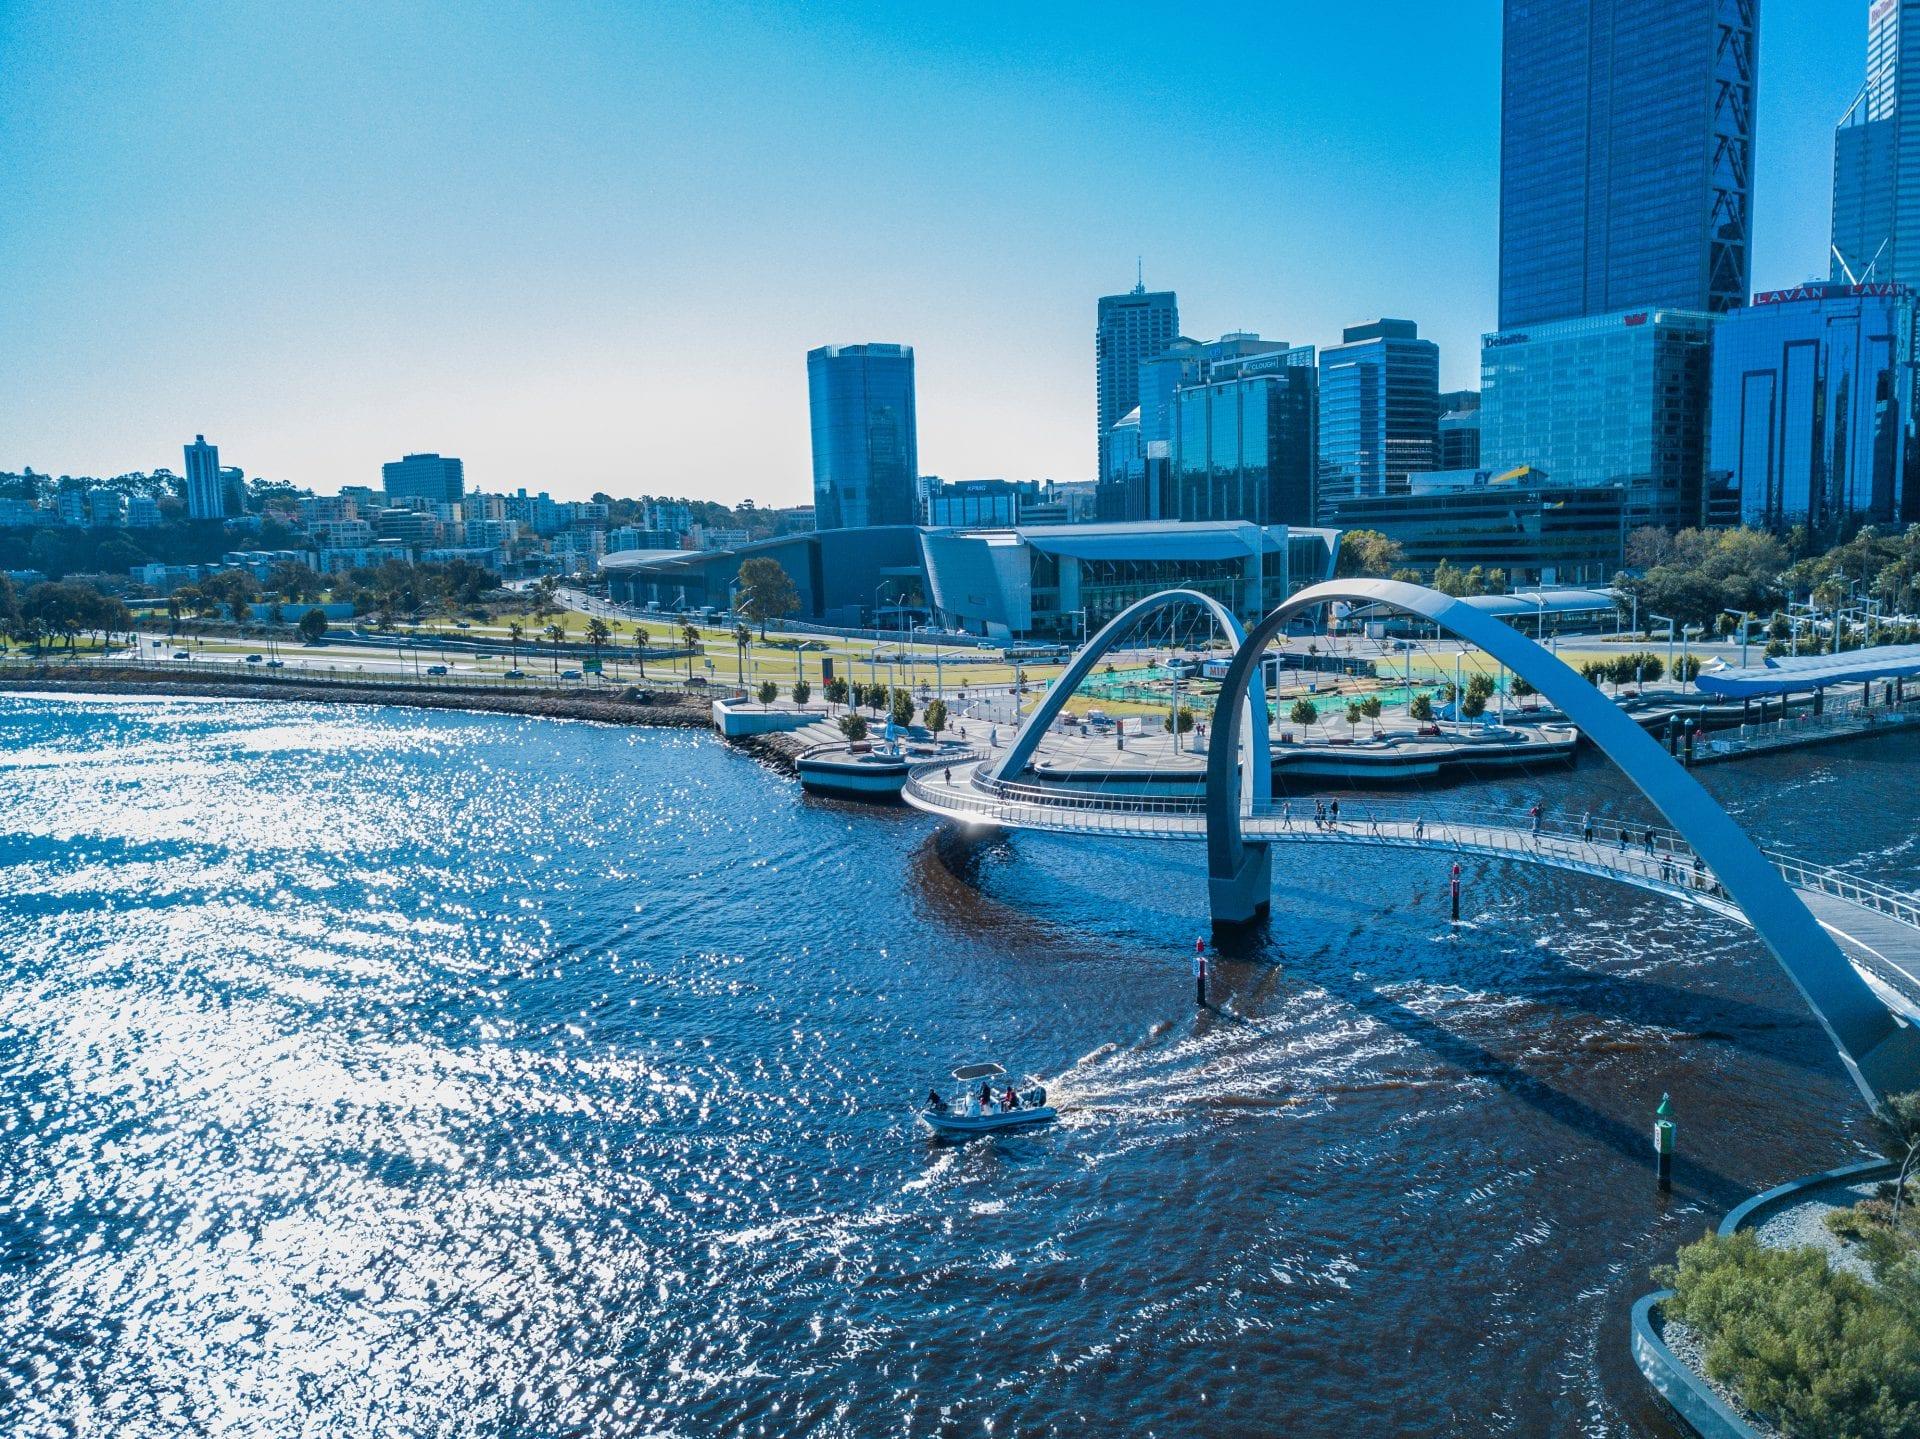 Barrack Square Perth, Australia